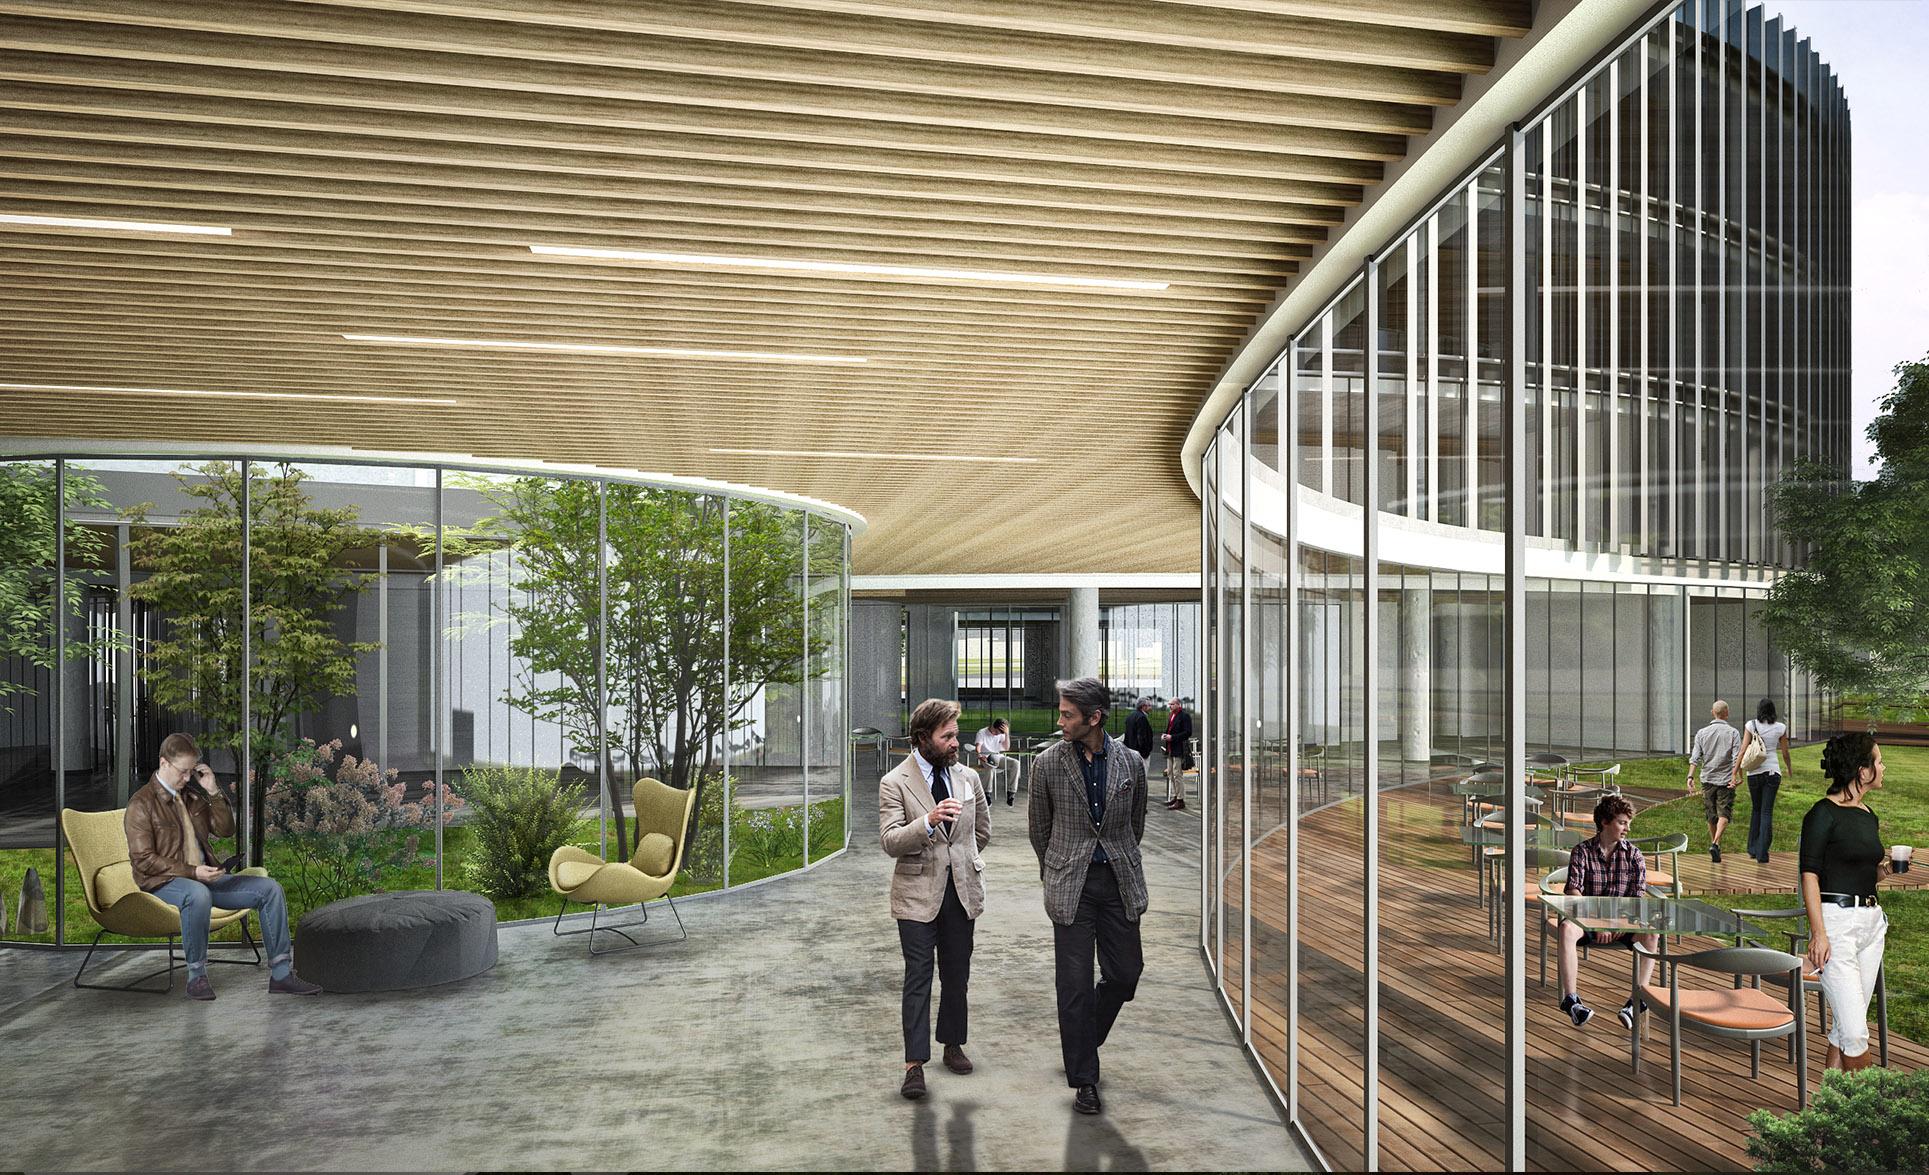 dodofis şehircilik il müdürlüğü dodofis şehircilik il müdürlüğü ofis binası 2